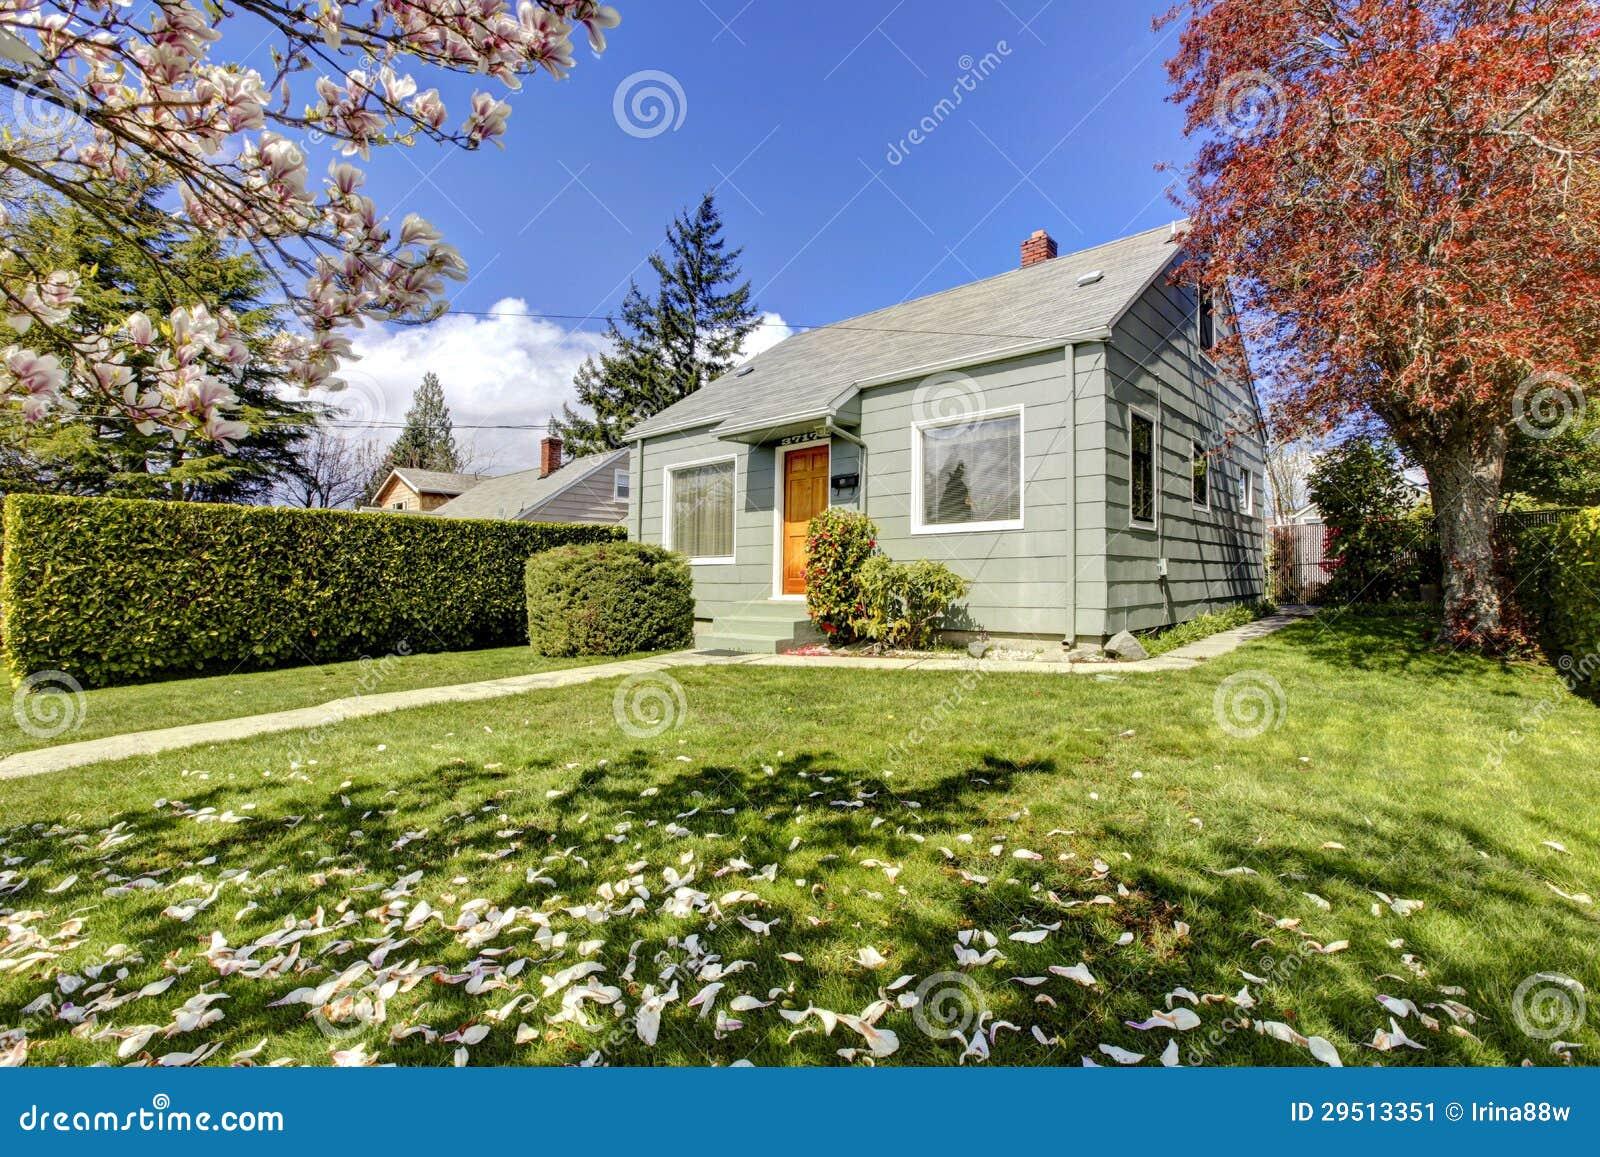 Klein groen huis buiten met de lente bloeiende bomen.